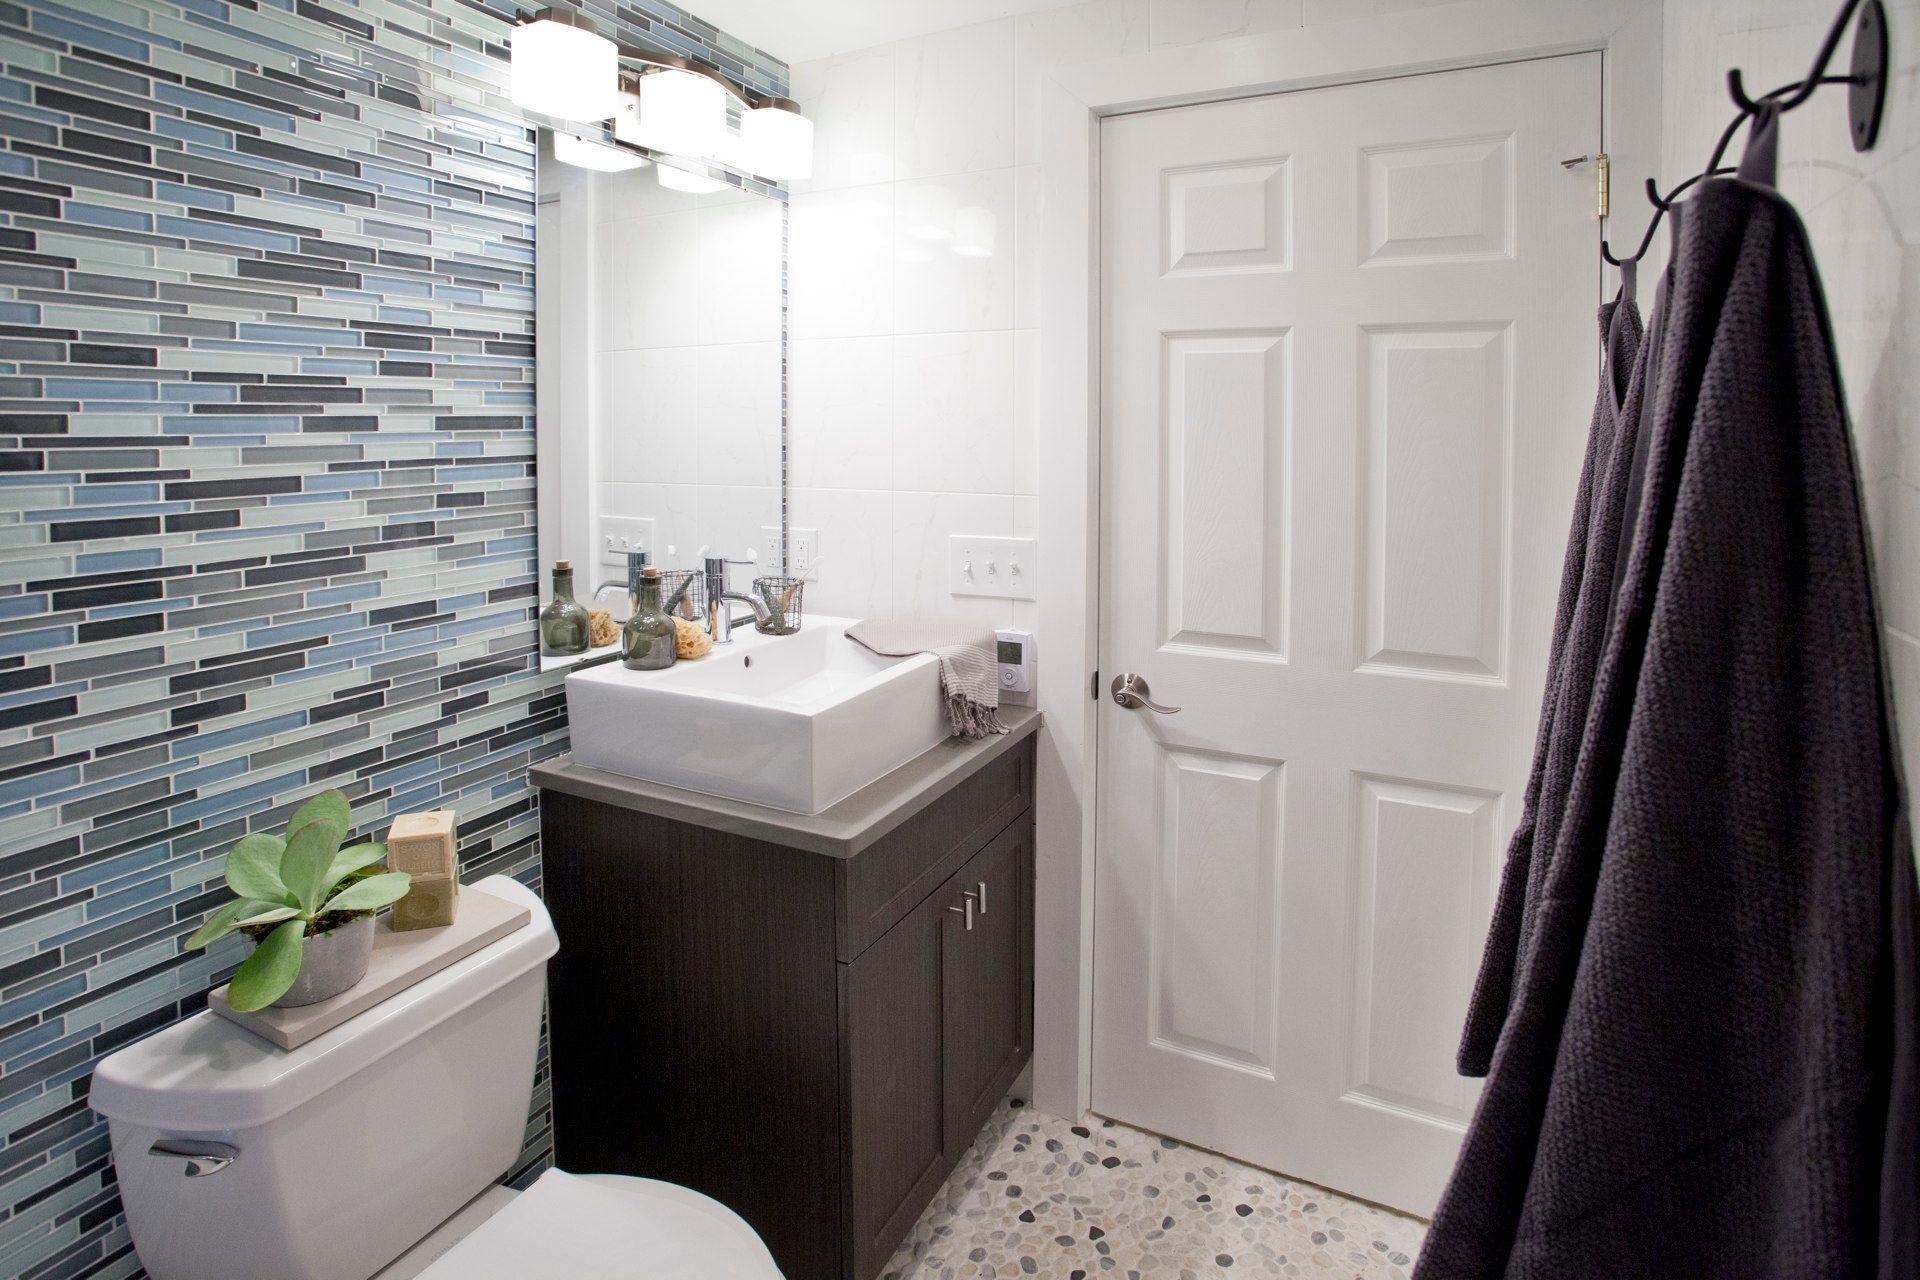 Heated Bathroom floors by NuHeat Cousins Call S1